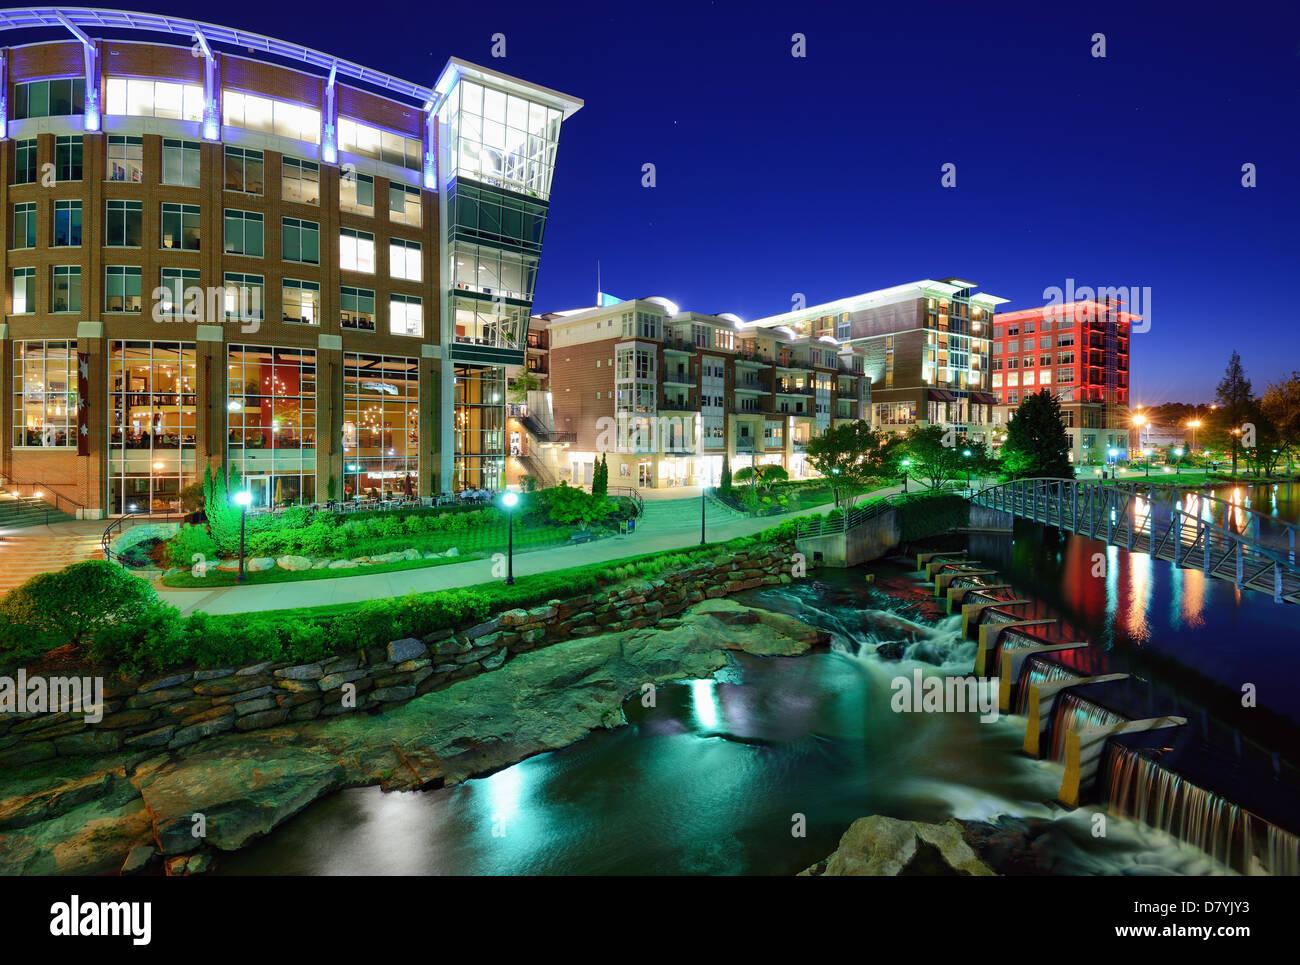 Greenville, South Carolina at Falls Park in downtown at night. - Stock Image